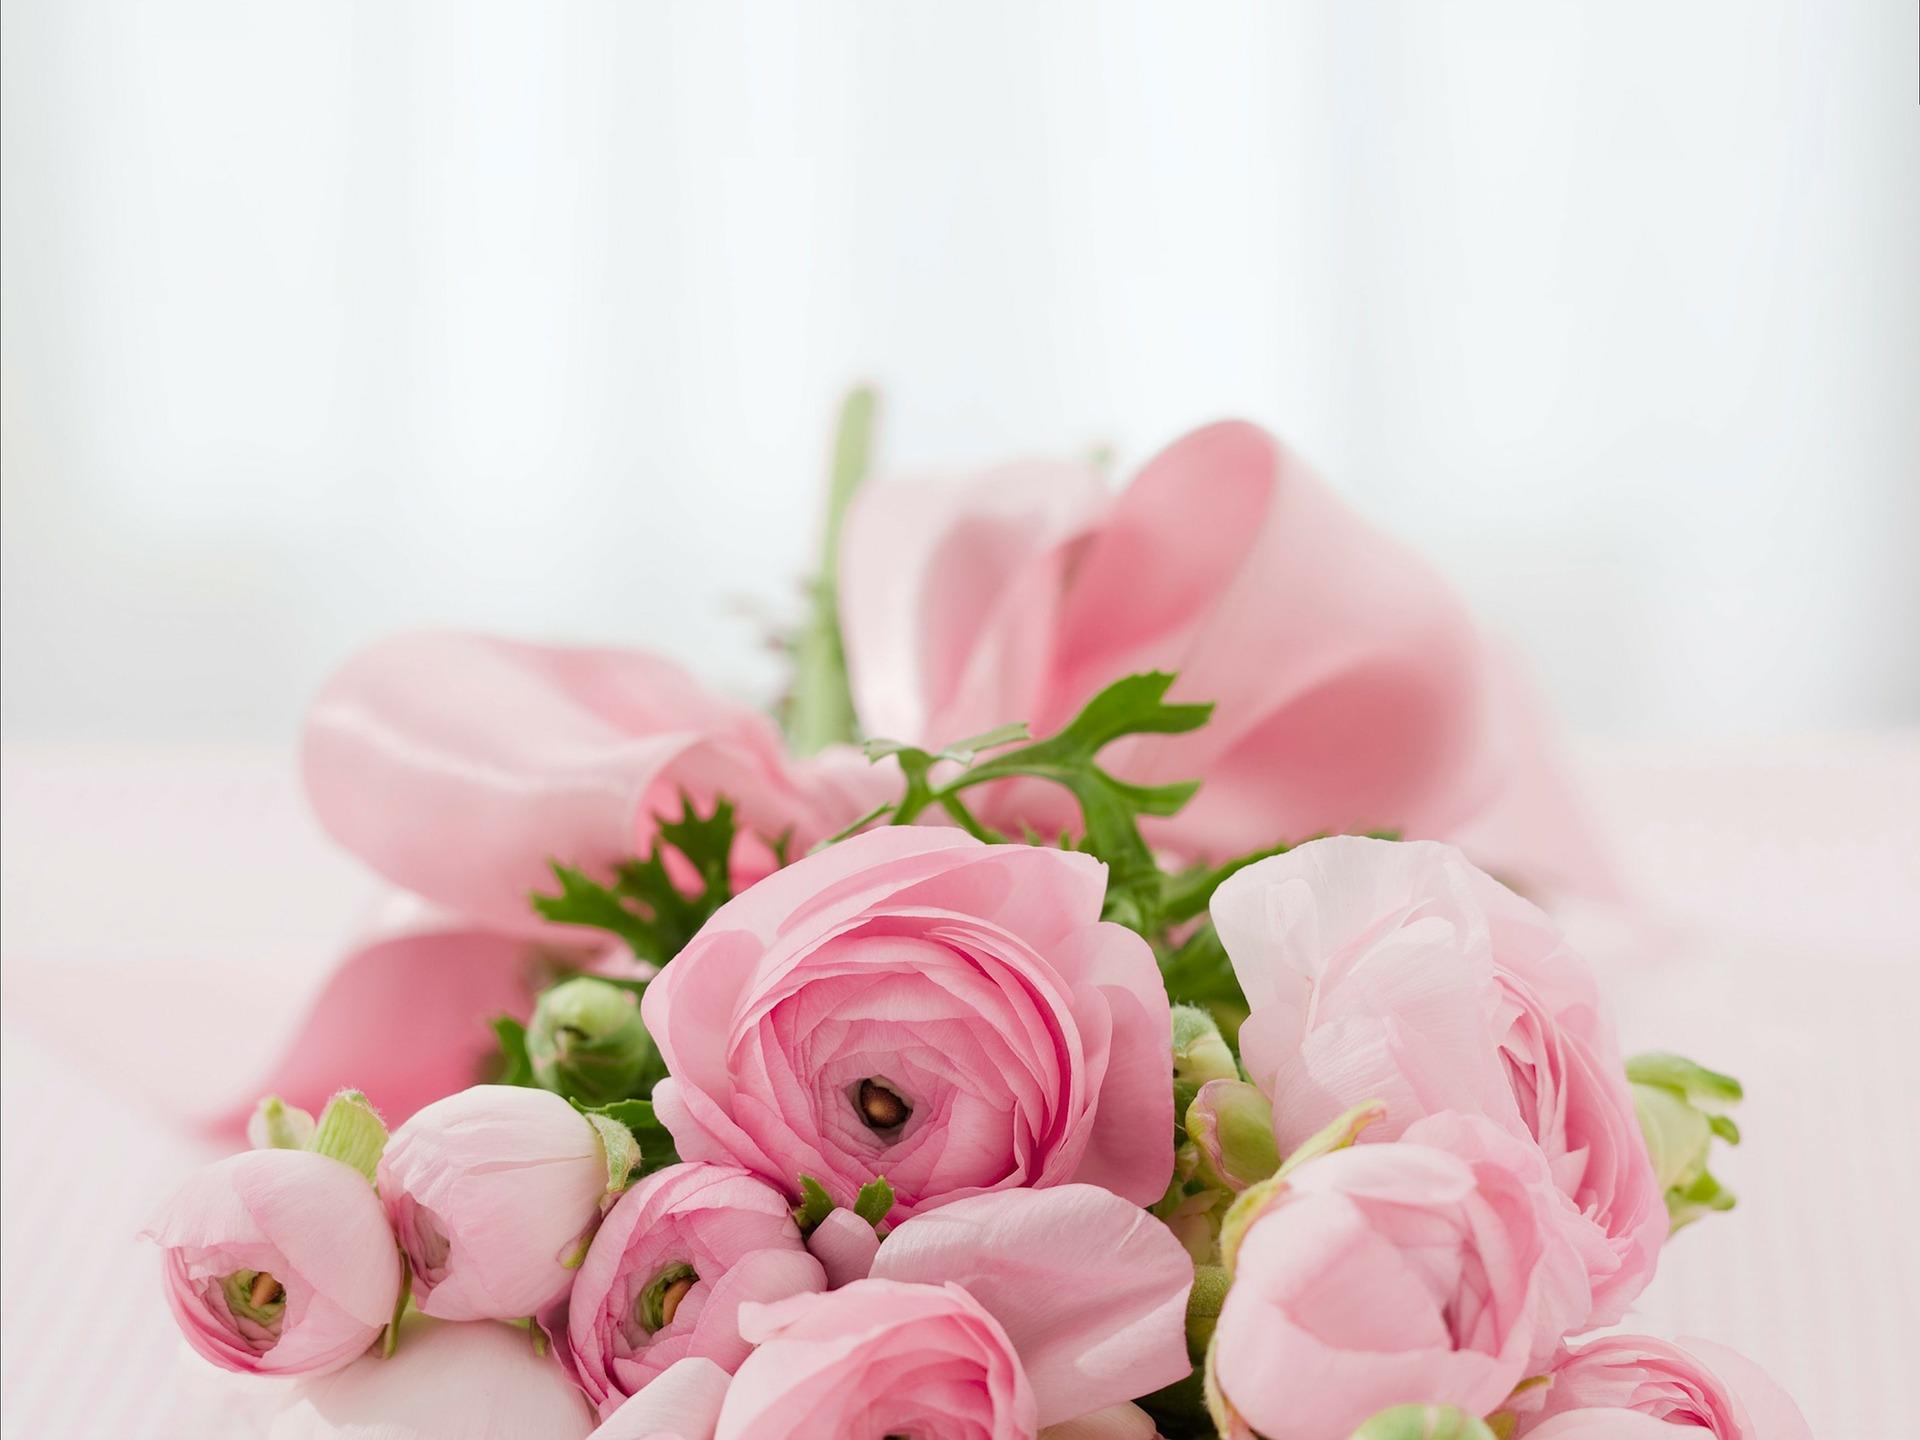 バラの花言葉を本数で判断する・21個の意味合い 1